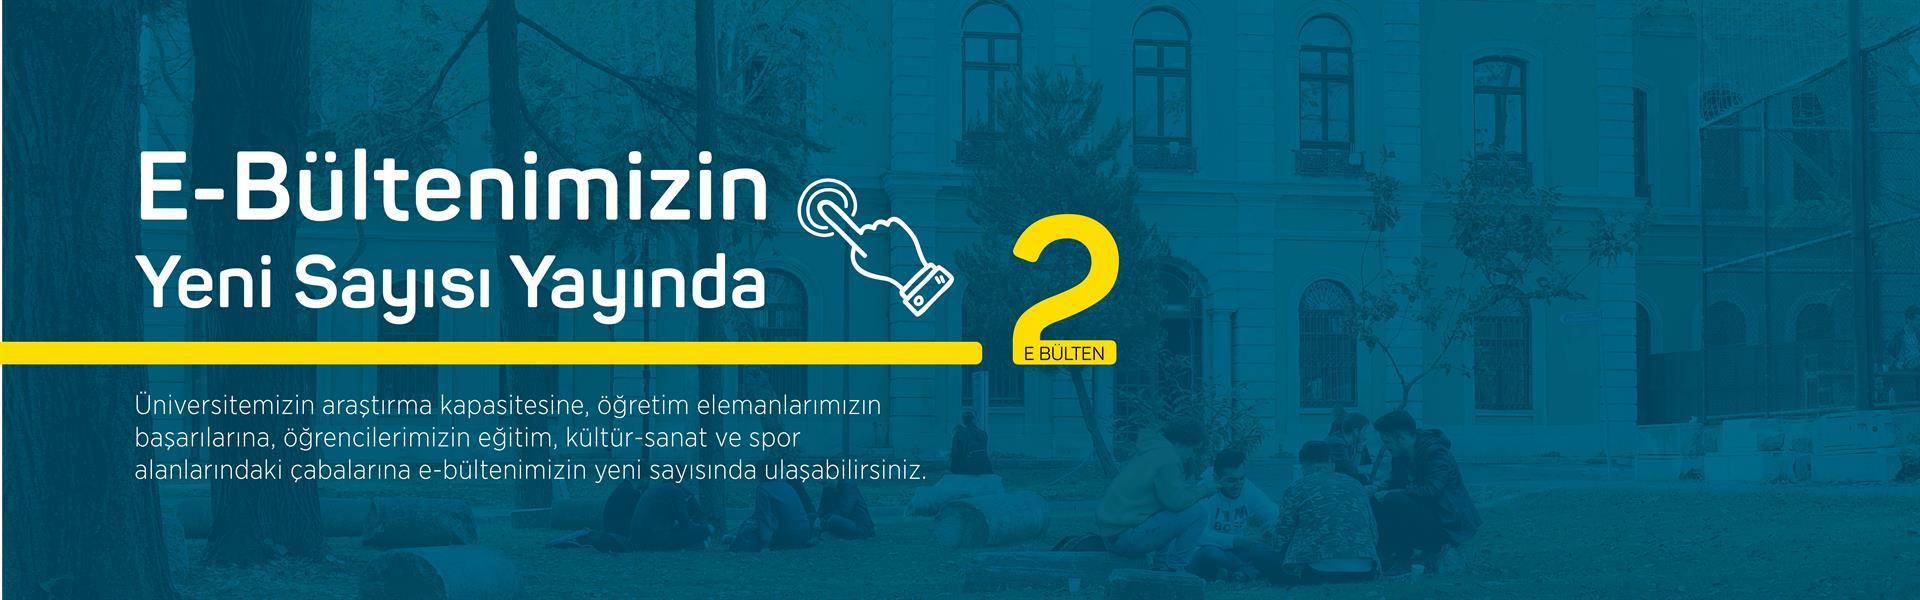 e-bülten istanbul-üniversitesi